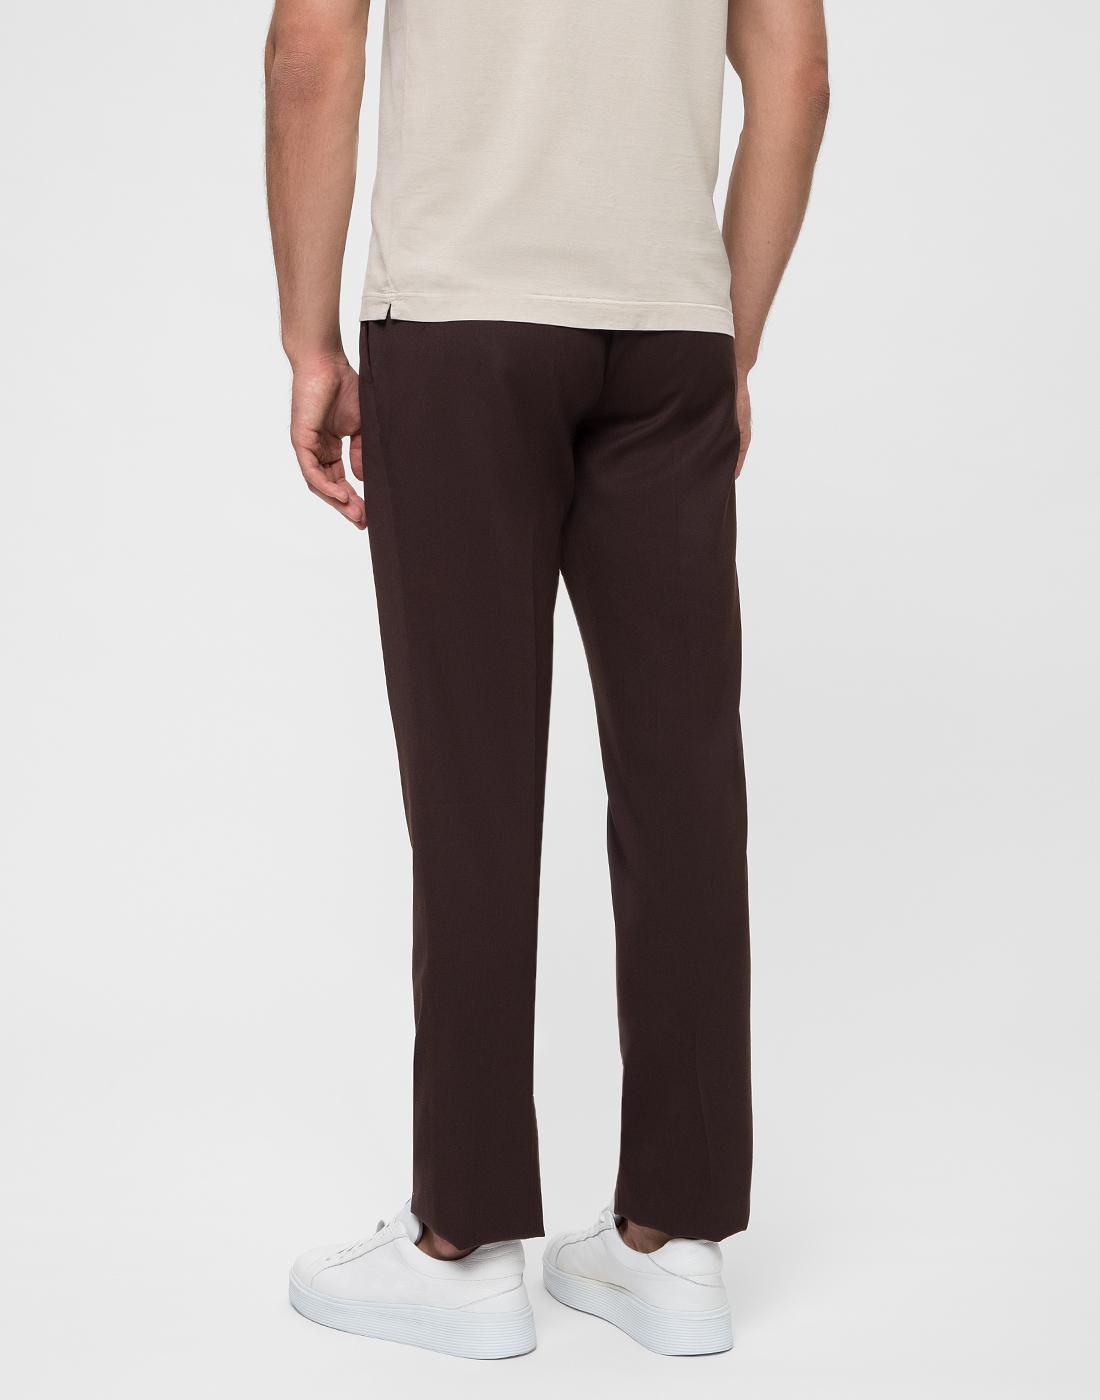 Мужские коричневые шерстяные брюки PT SIX17 0180-4